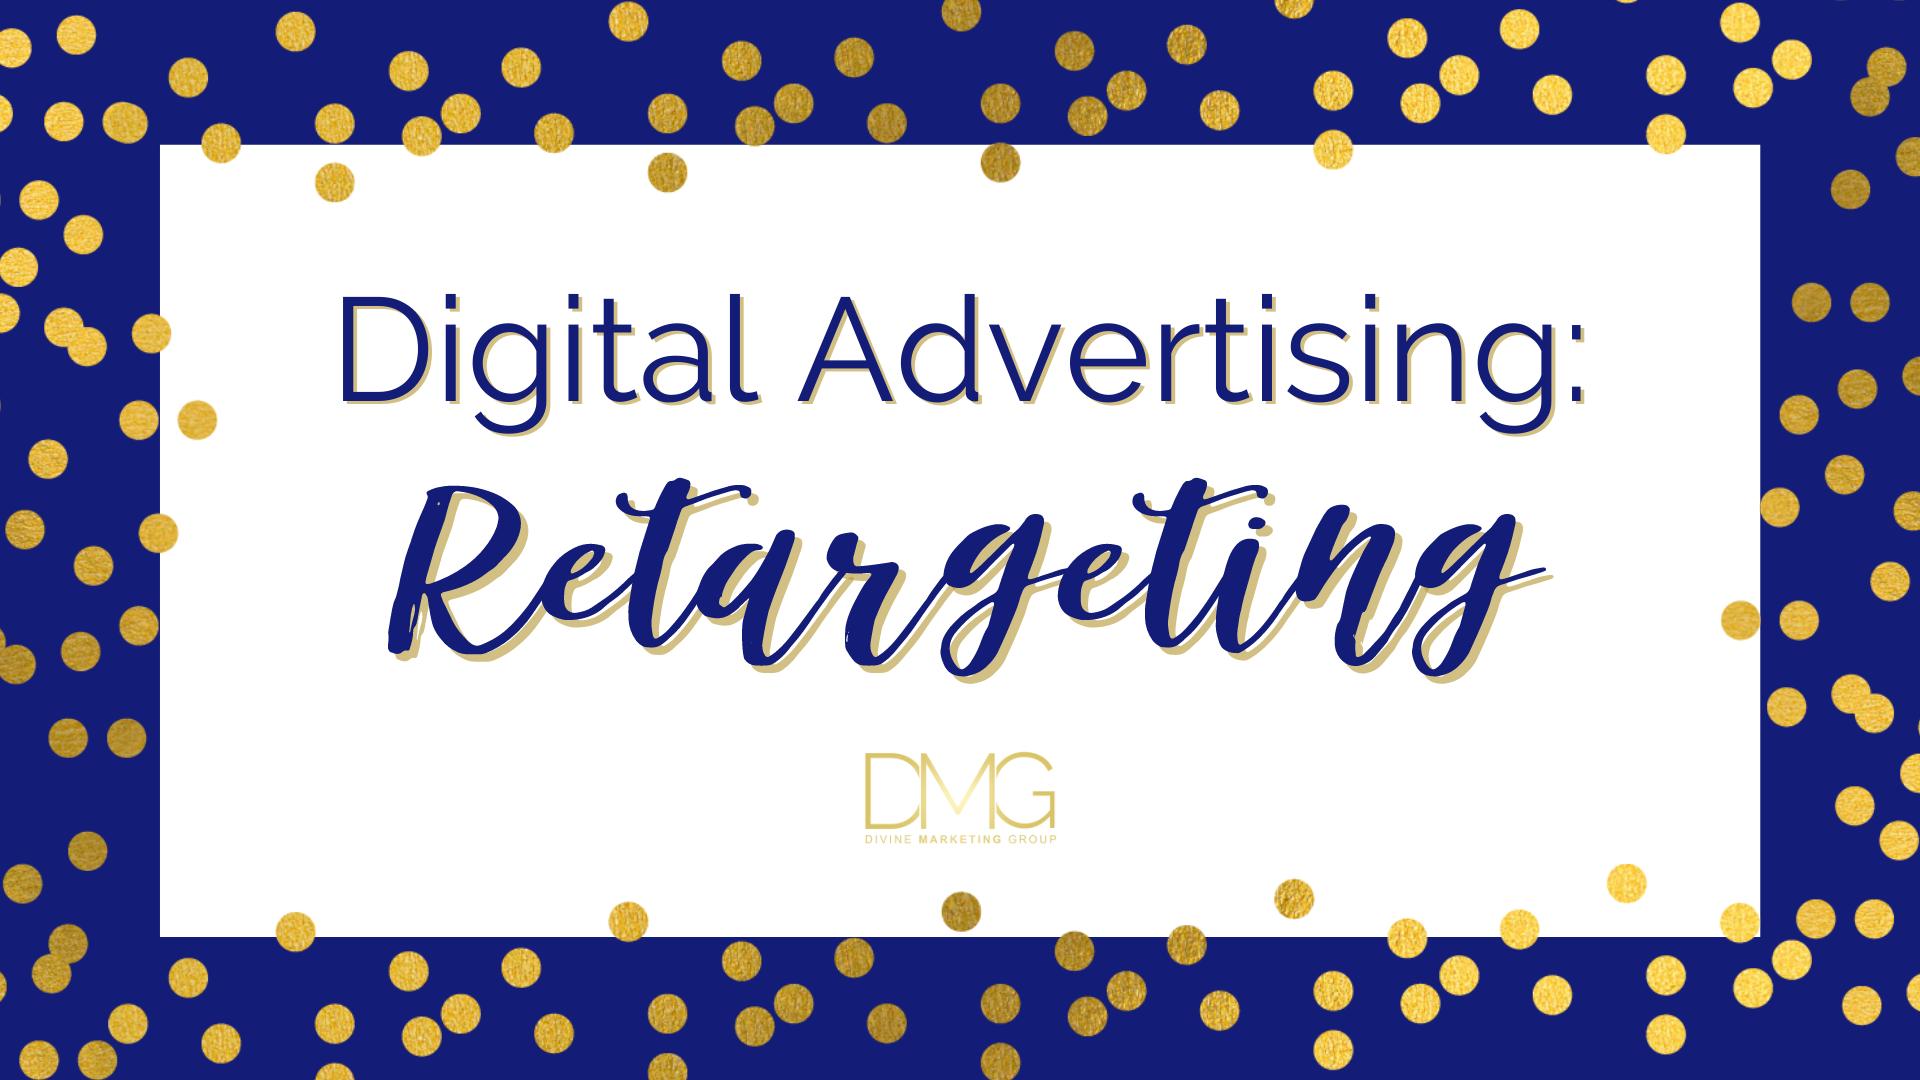 Digital Advertising: Retargeting